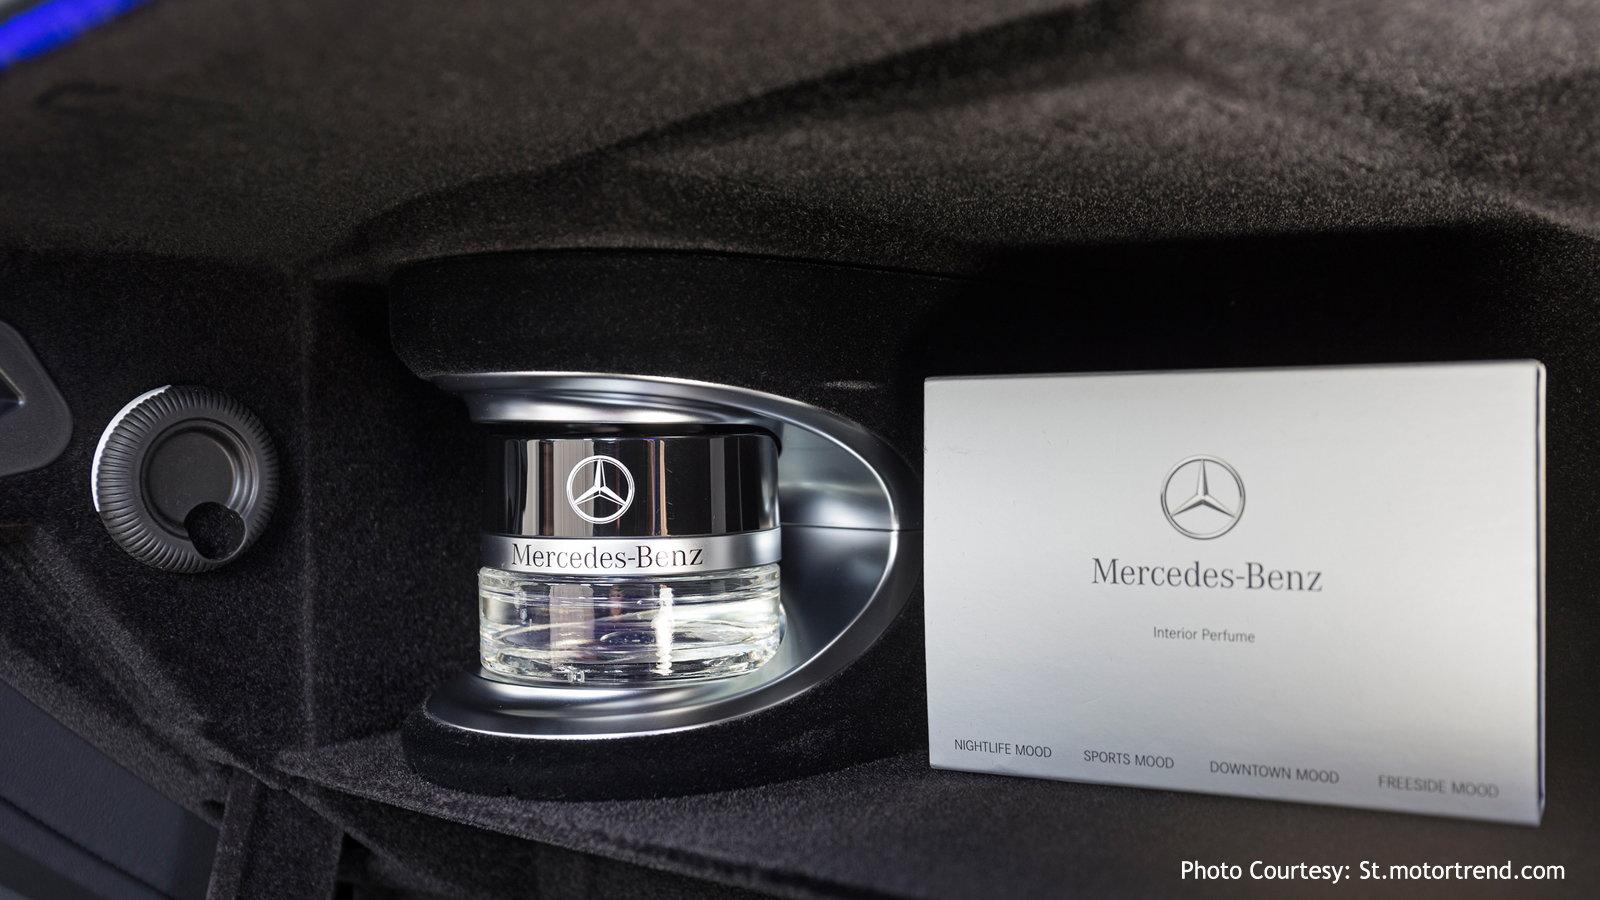 Scent of Luxury